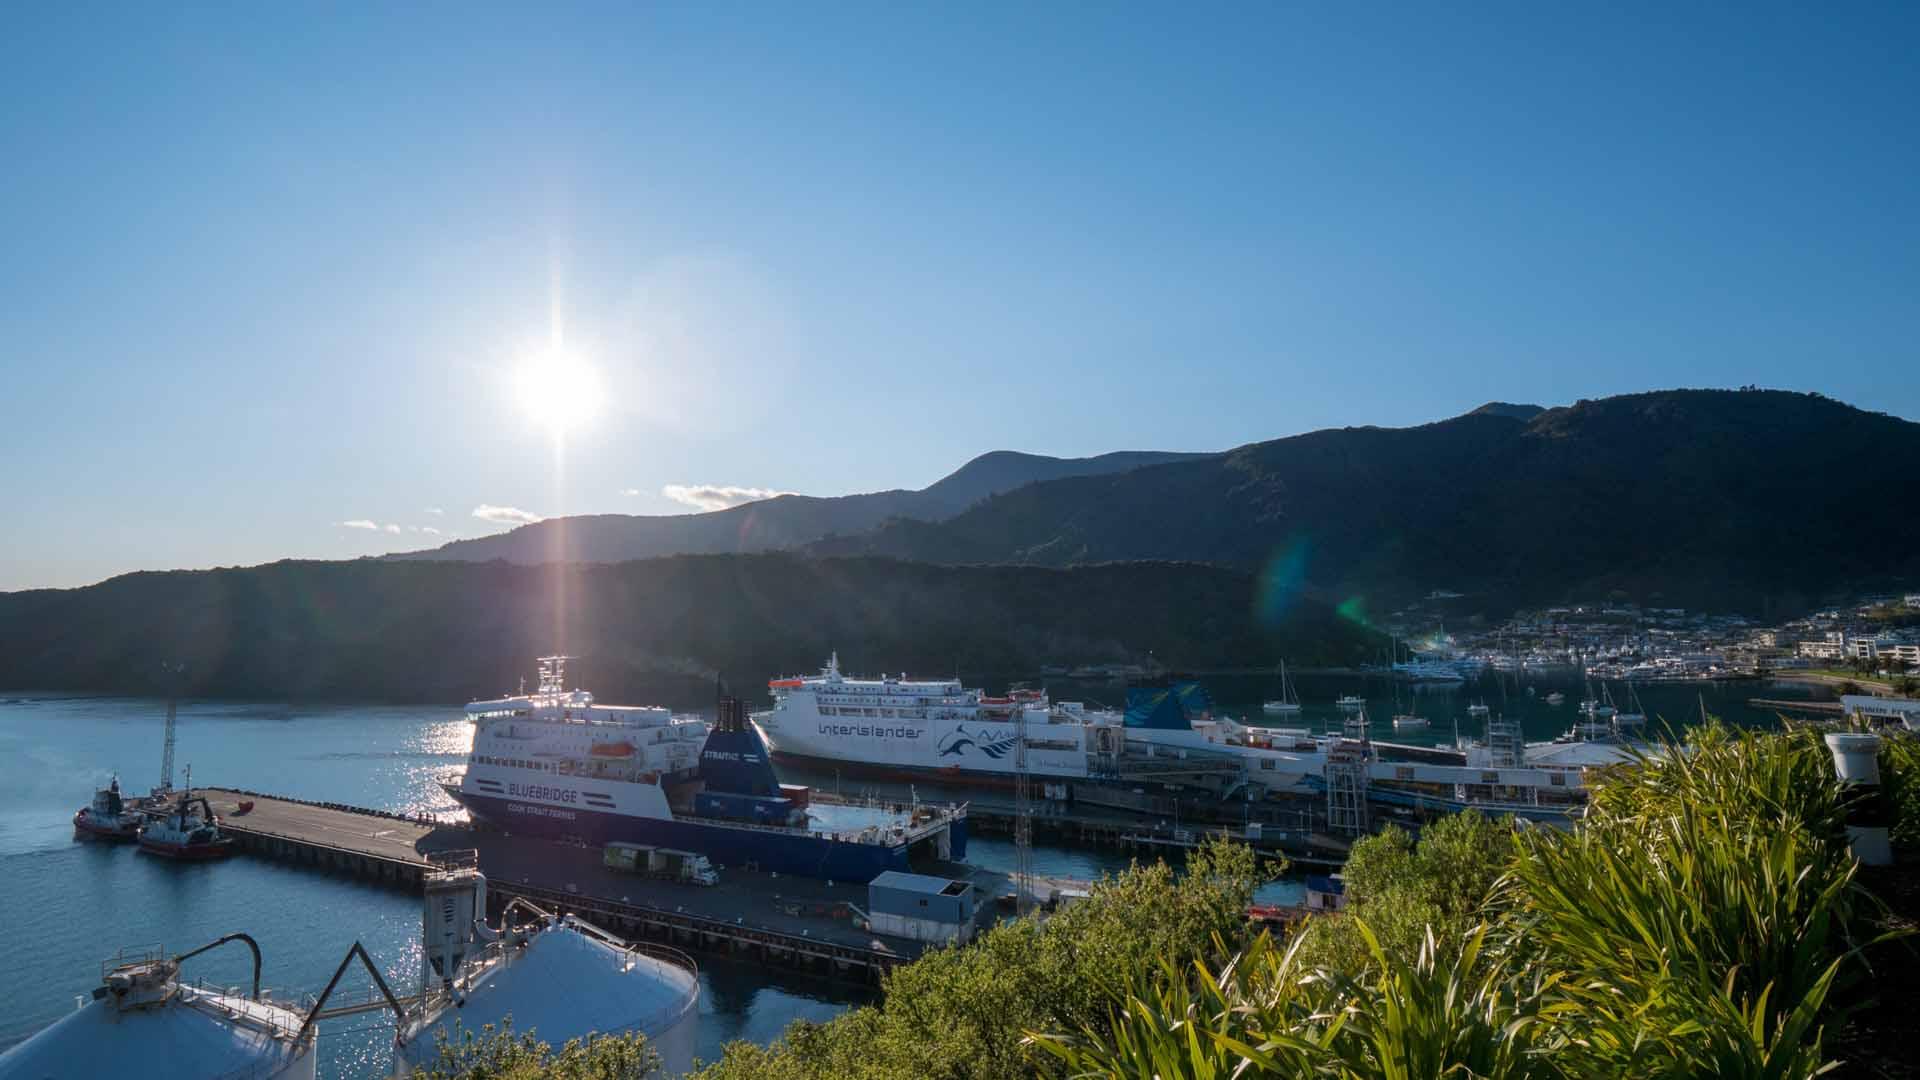 Blick auf den Hafen in Picton mit Interislander und Bluebridge Fähre im Hafen